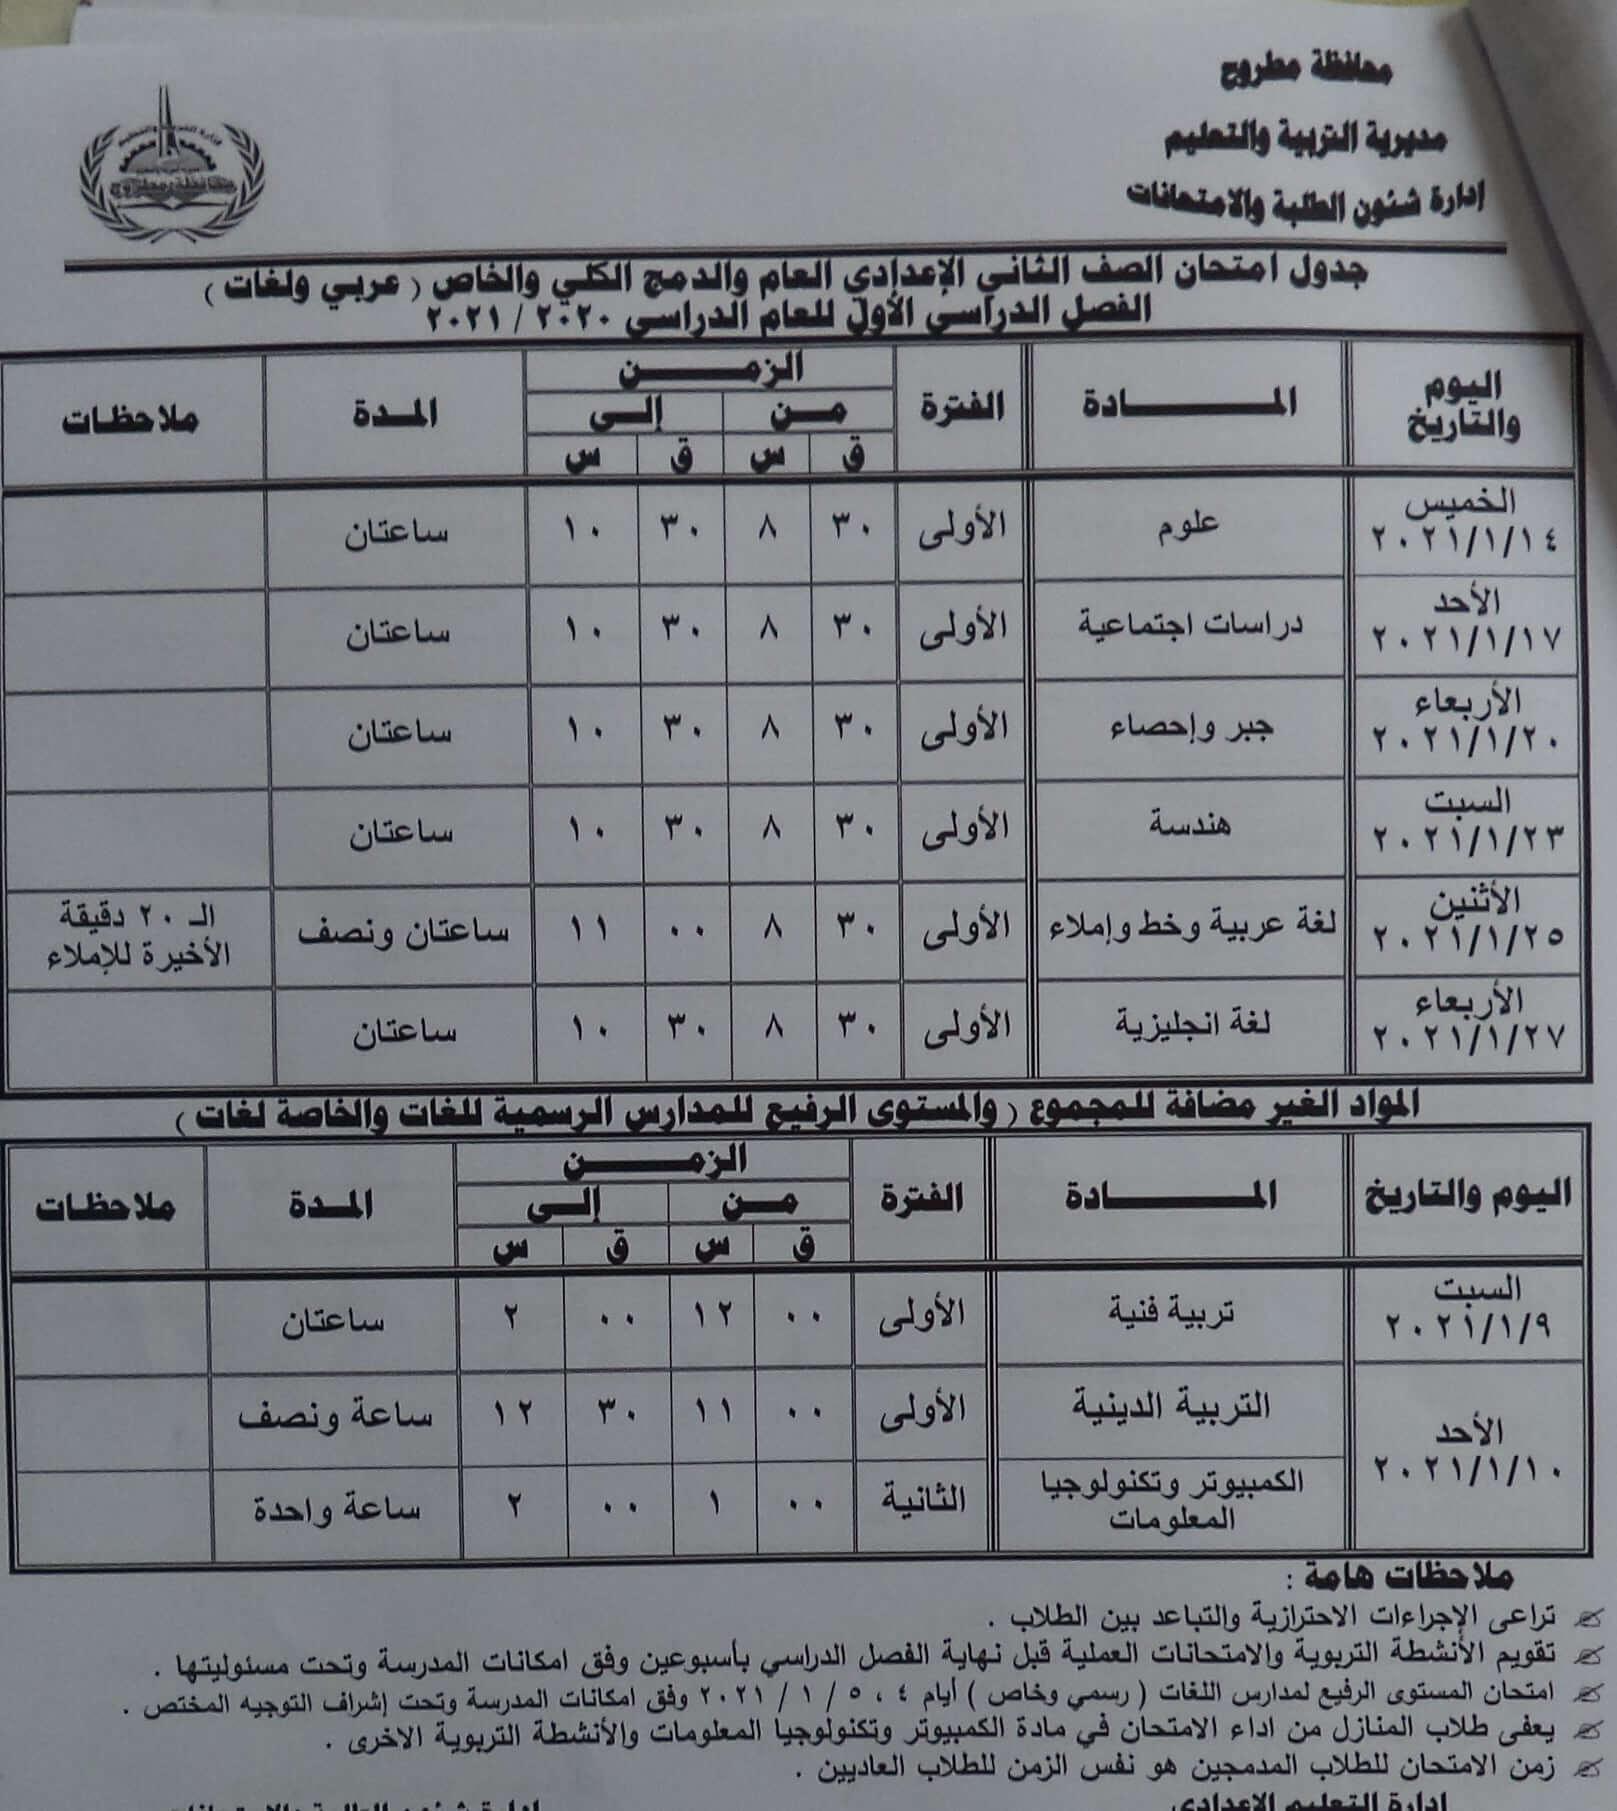 جدول امتحانات الصف الثاني الاعدادي نصف العام محافظة مطروح 2021